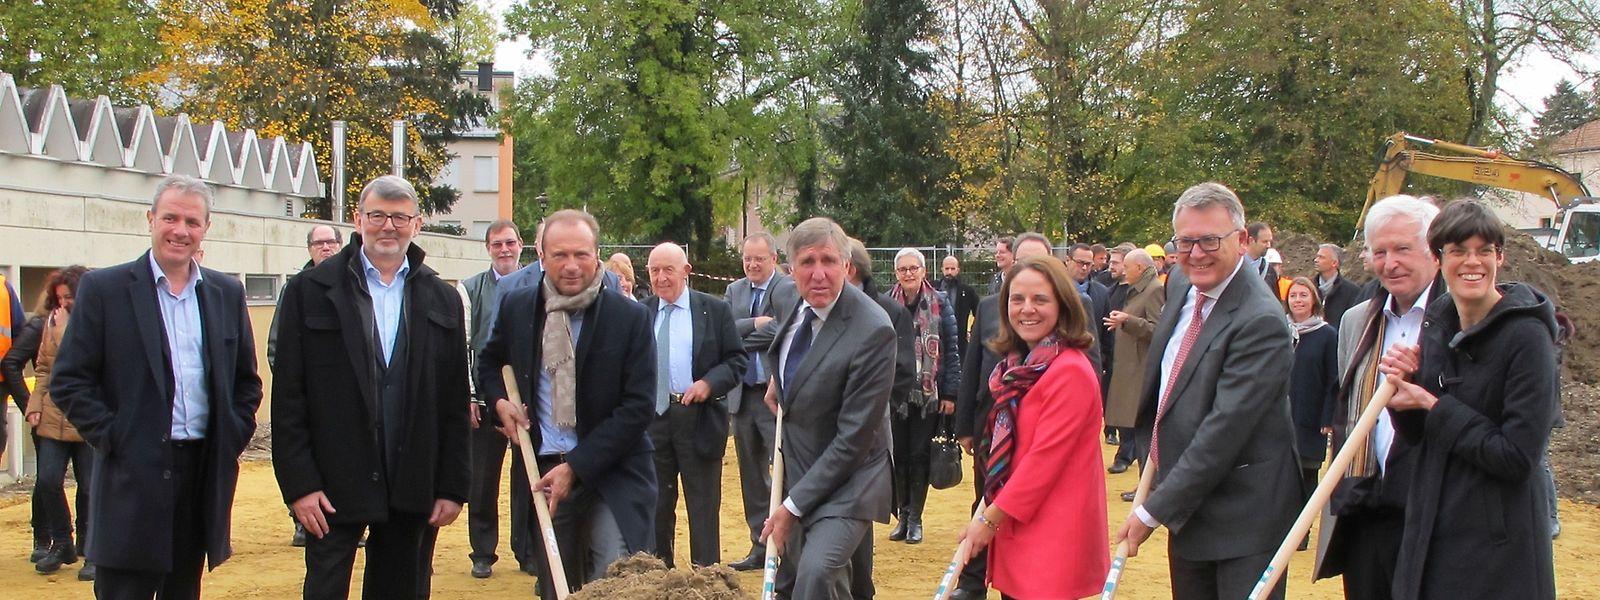 Trois ministres onf fait le déplacement à Capellen: François Bausch, ministre du Développement durable et des Infrastructures (au centre), Corinne Cahen, ministre de la Famille et de l'Intégration et Nicolas Schmit, ministre du Travail.